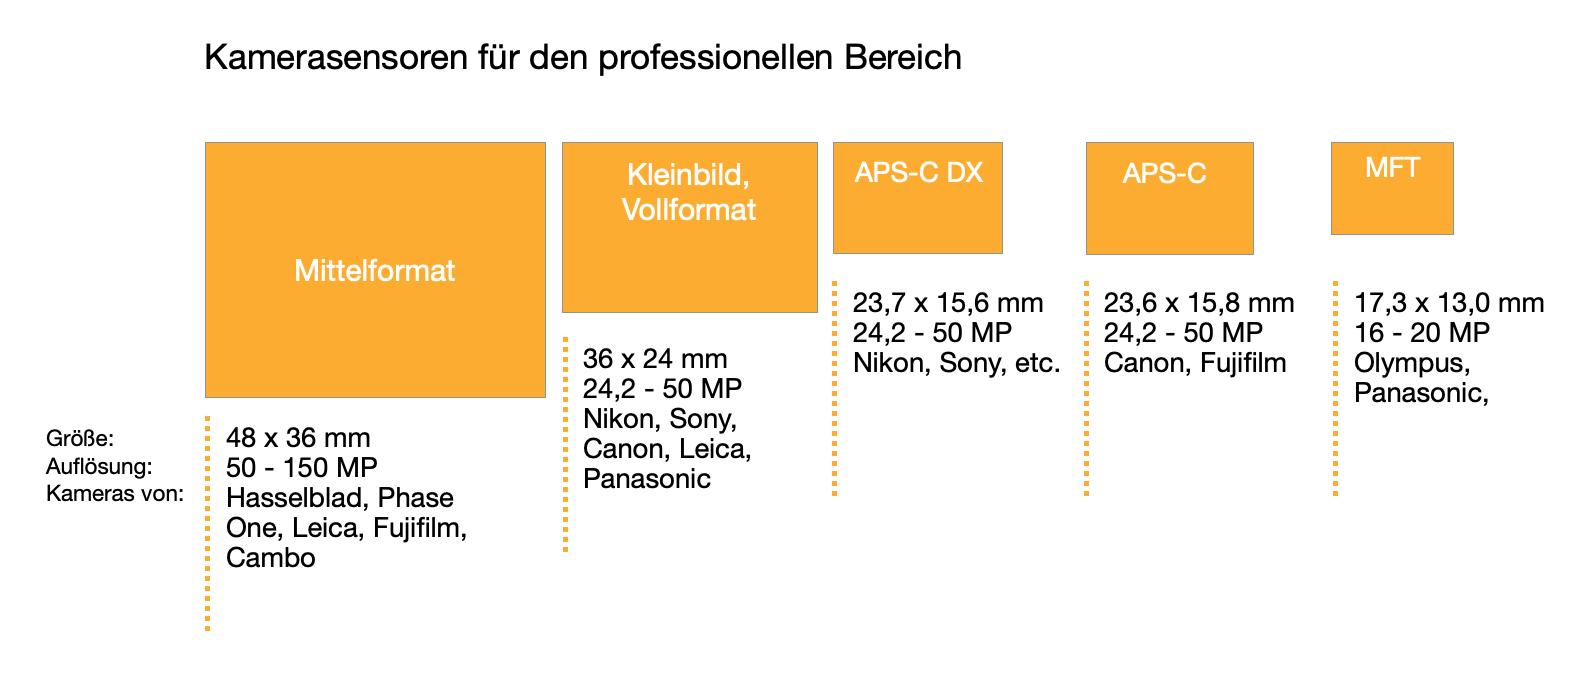 Vergleich von Sensorgrößen bei Digitalkameras